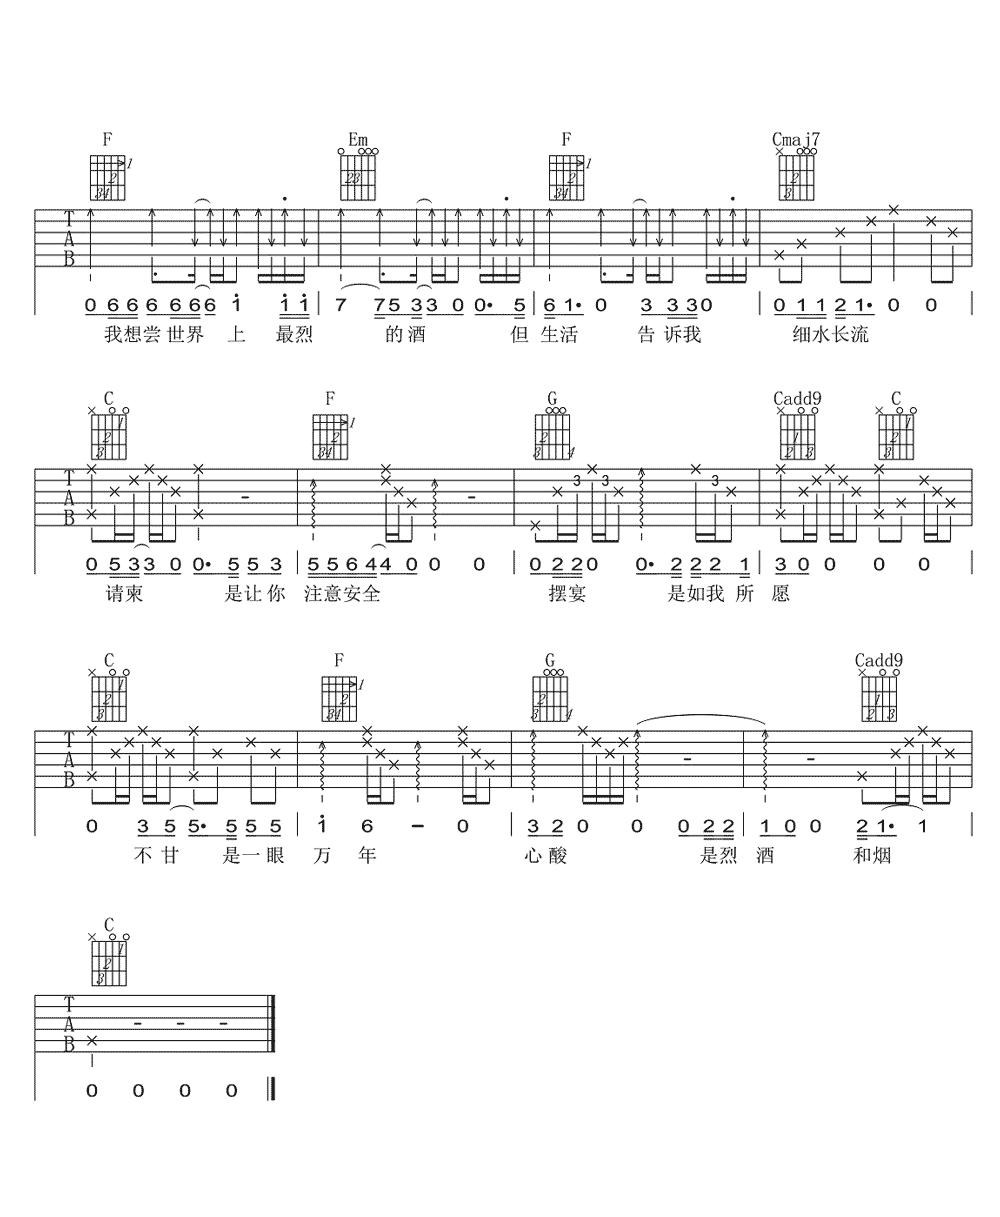 如谁所愿吉他谱_隔壁老樊_C调高清弹唱六线谱